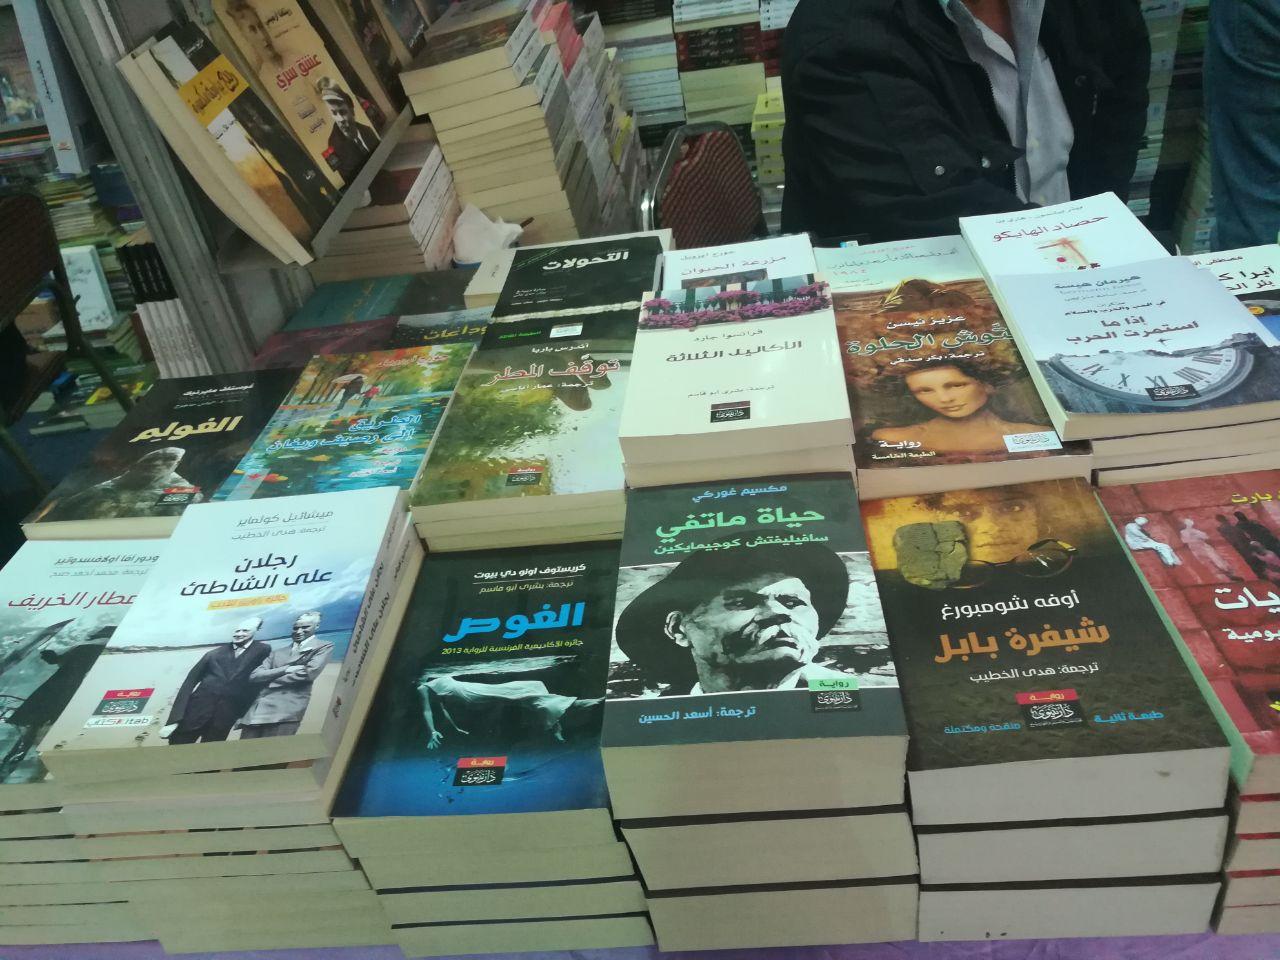 دور نشر عربية بمعرض الكتاب (1)